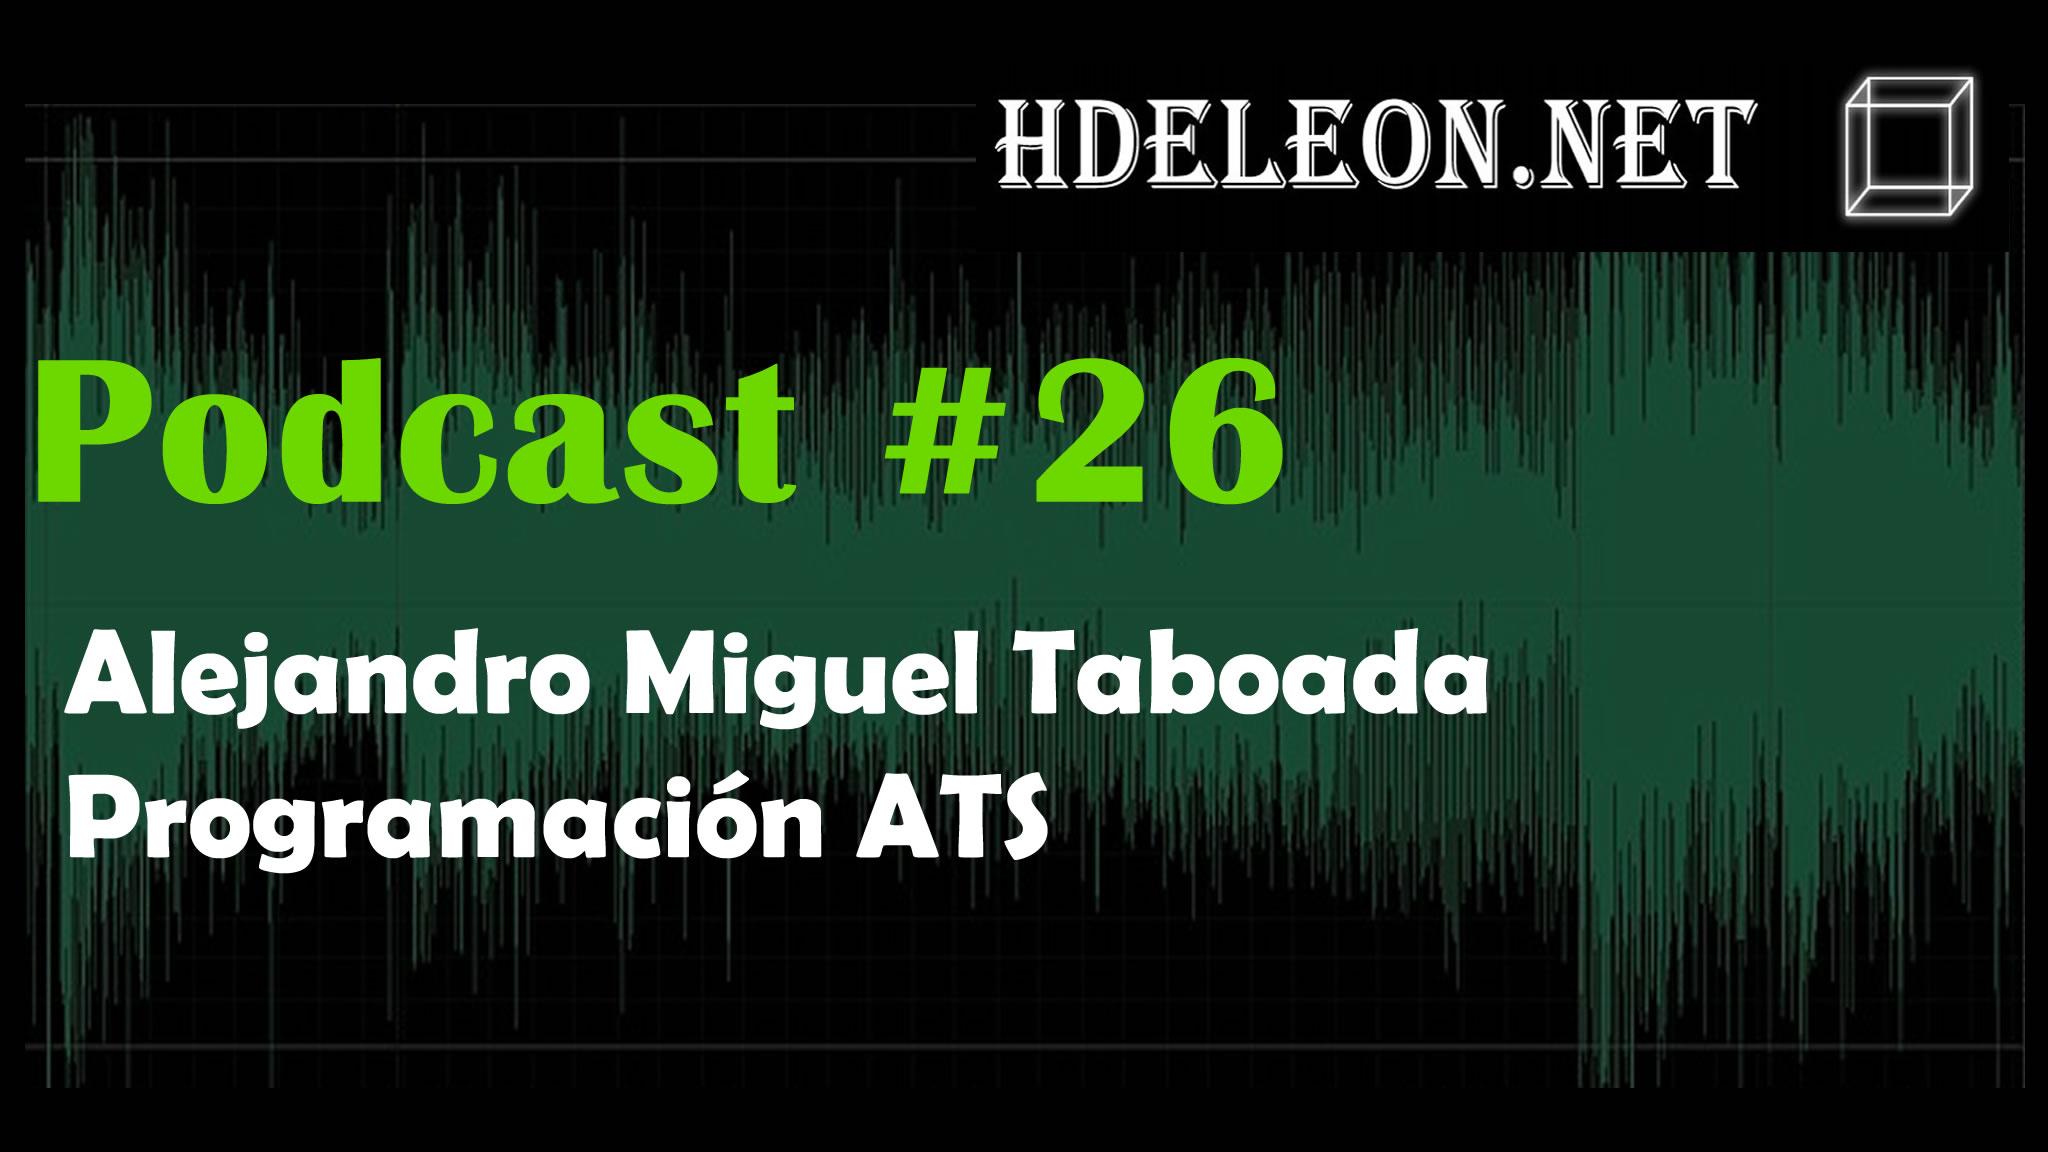 Podcast #26 – Alejandro Miguel Taboada, Programación ATS